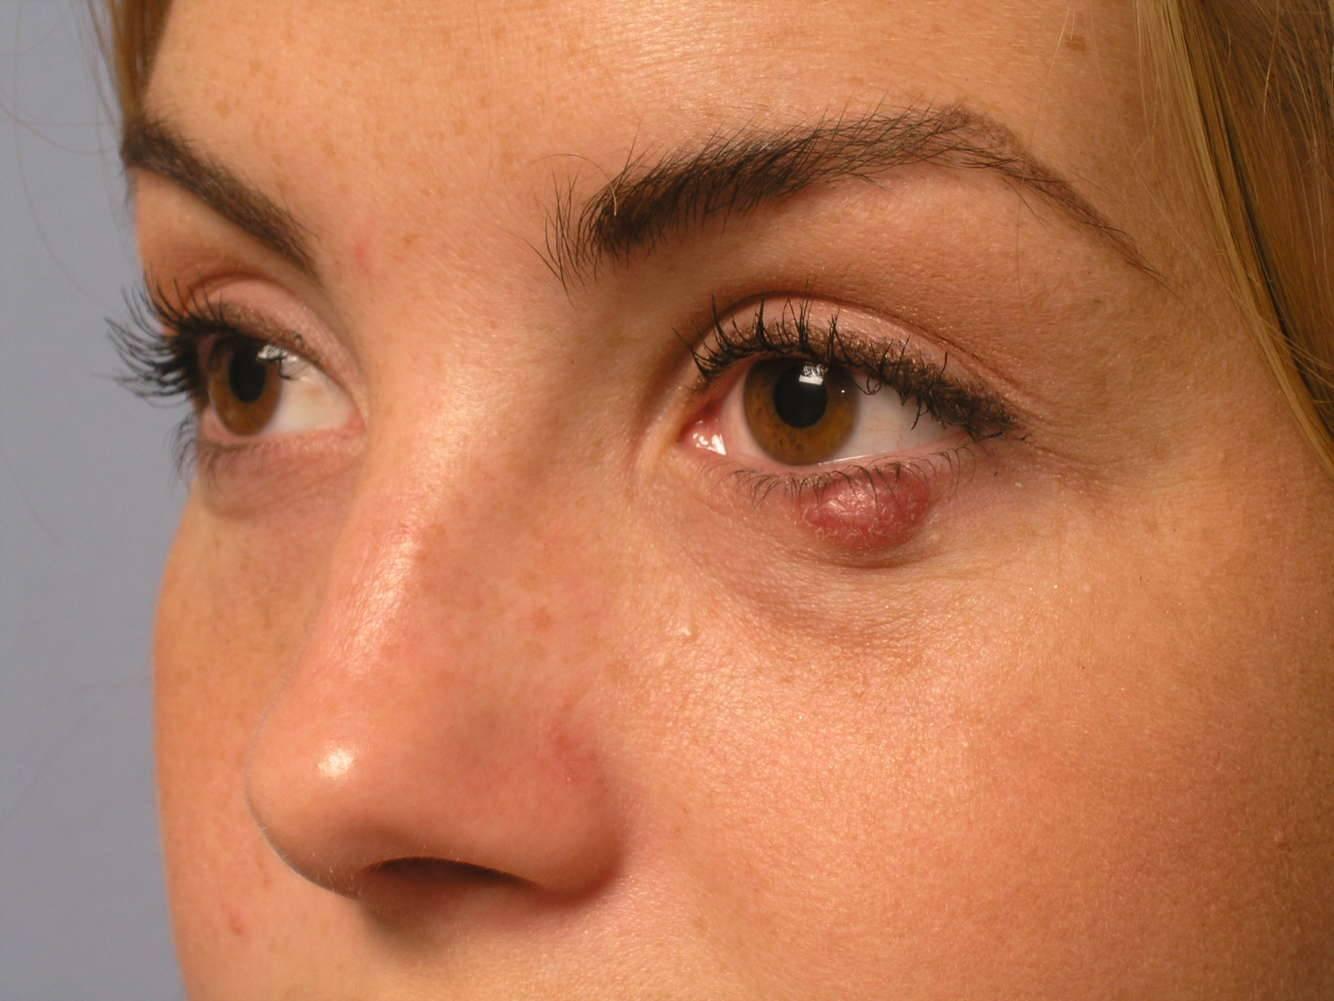 Халязион верхнего века – причины, симптомы и лечение. удаление халязиона на верхнем веке